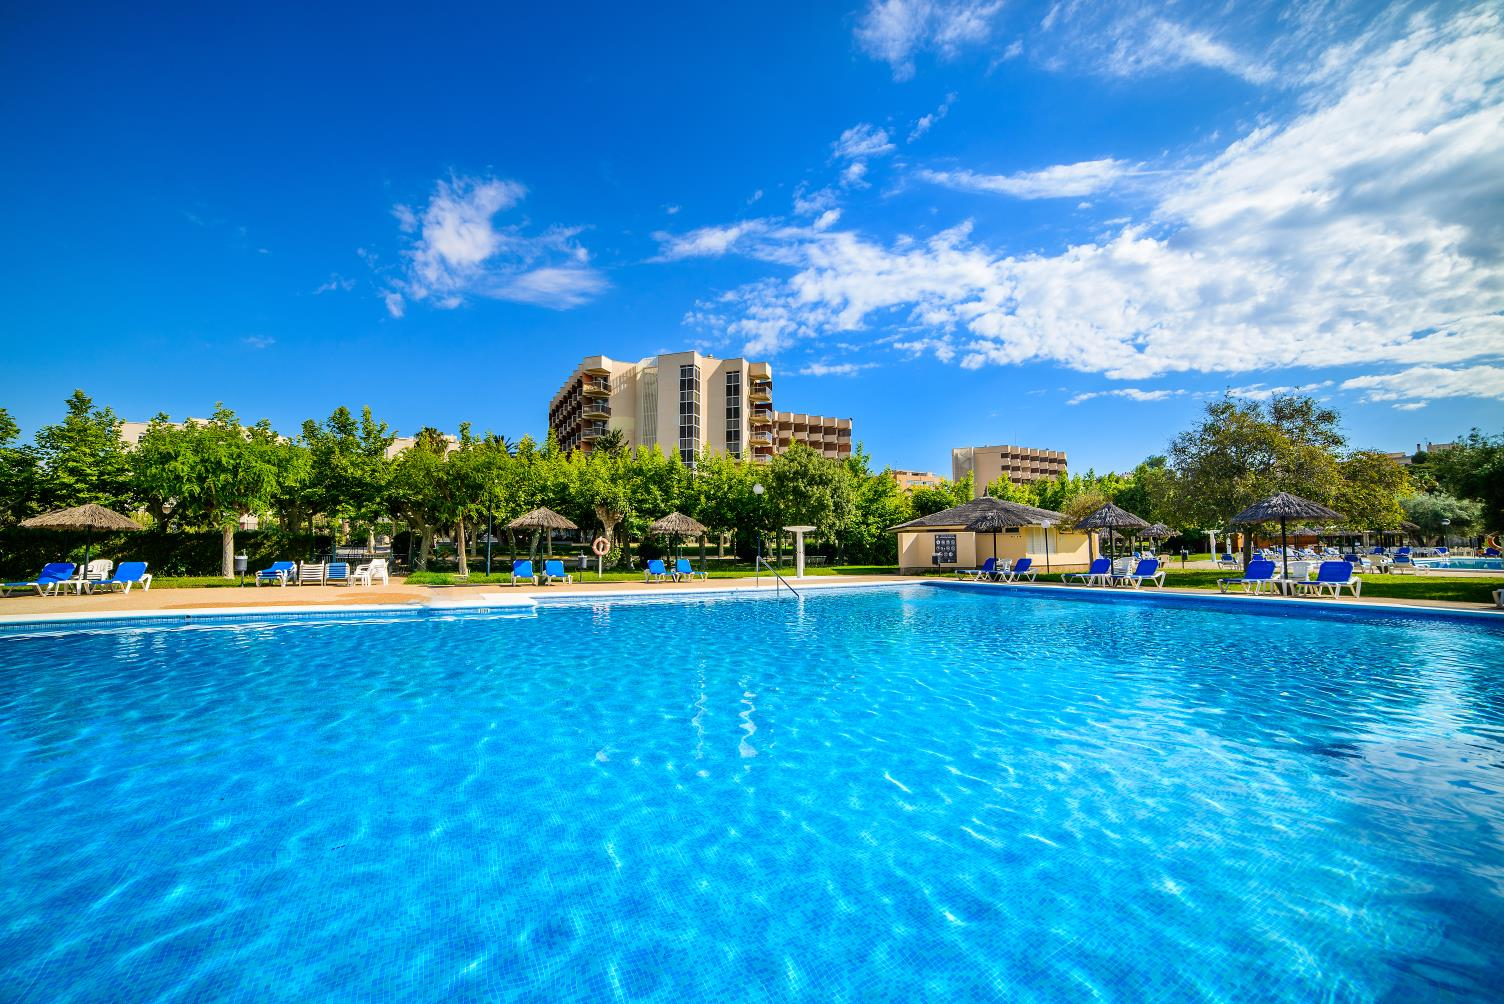 Hotel Complejo San Juan- APHA - Asociacion de hoteles y alojamientos turisticos de la provincia de Alicante 8